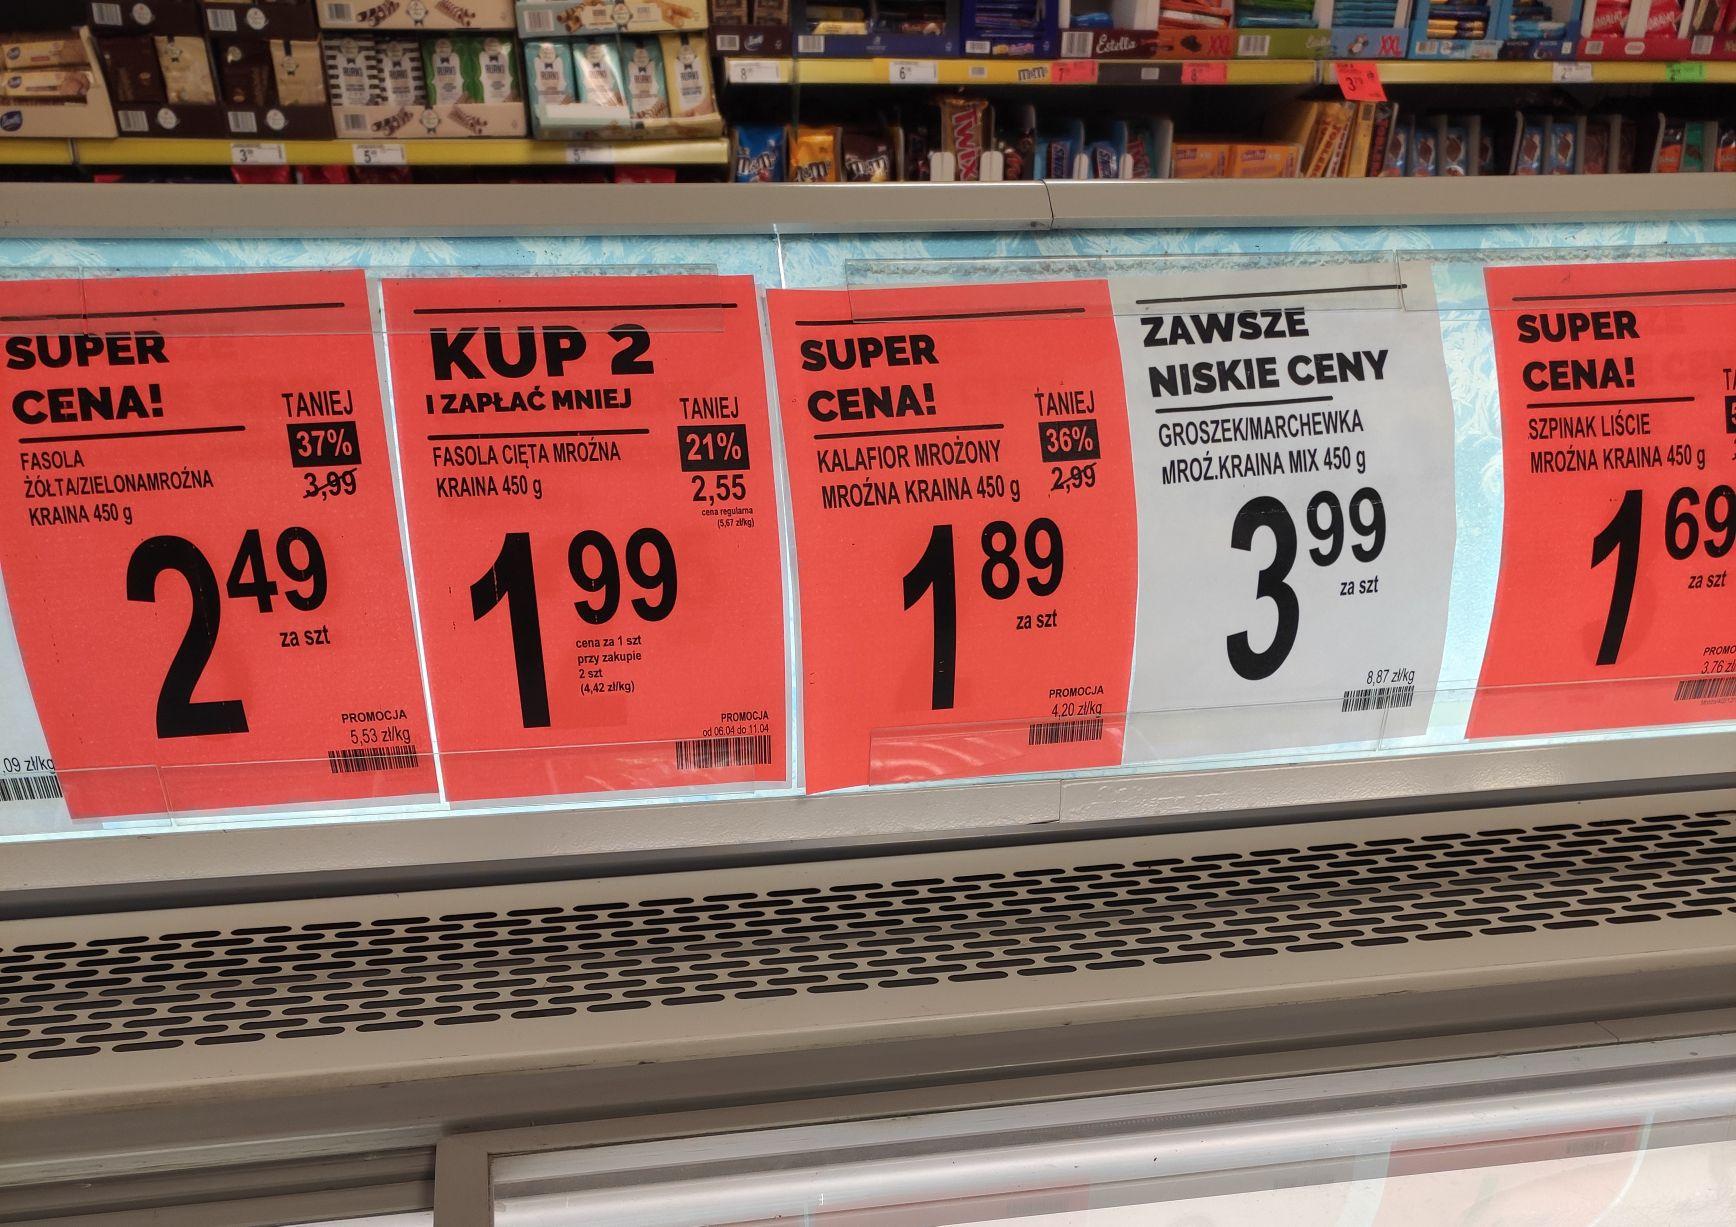 Obniżki cen wybranych produktów 06.04 - Biedronka